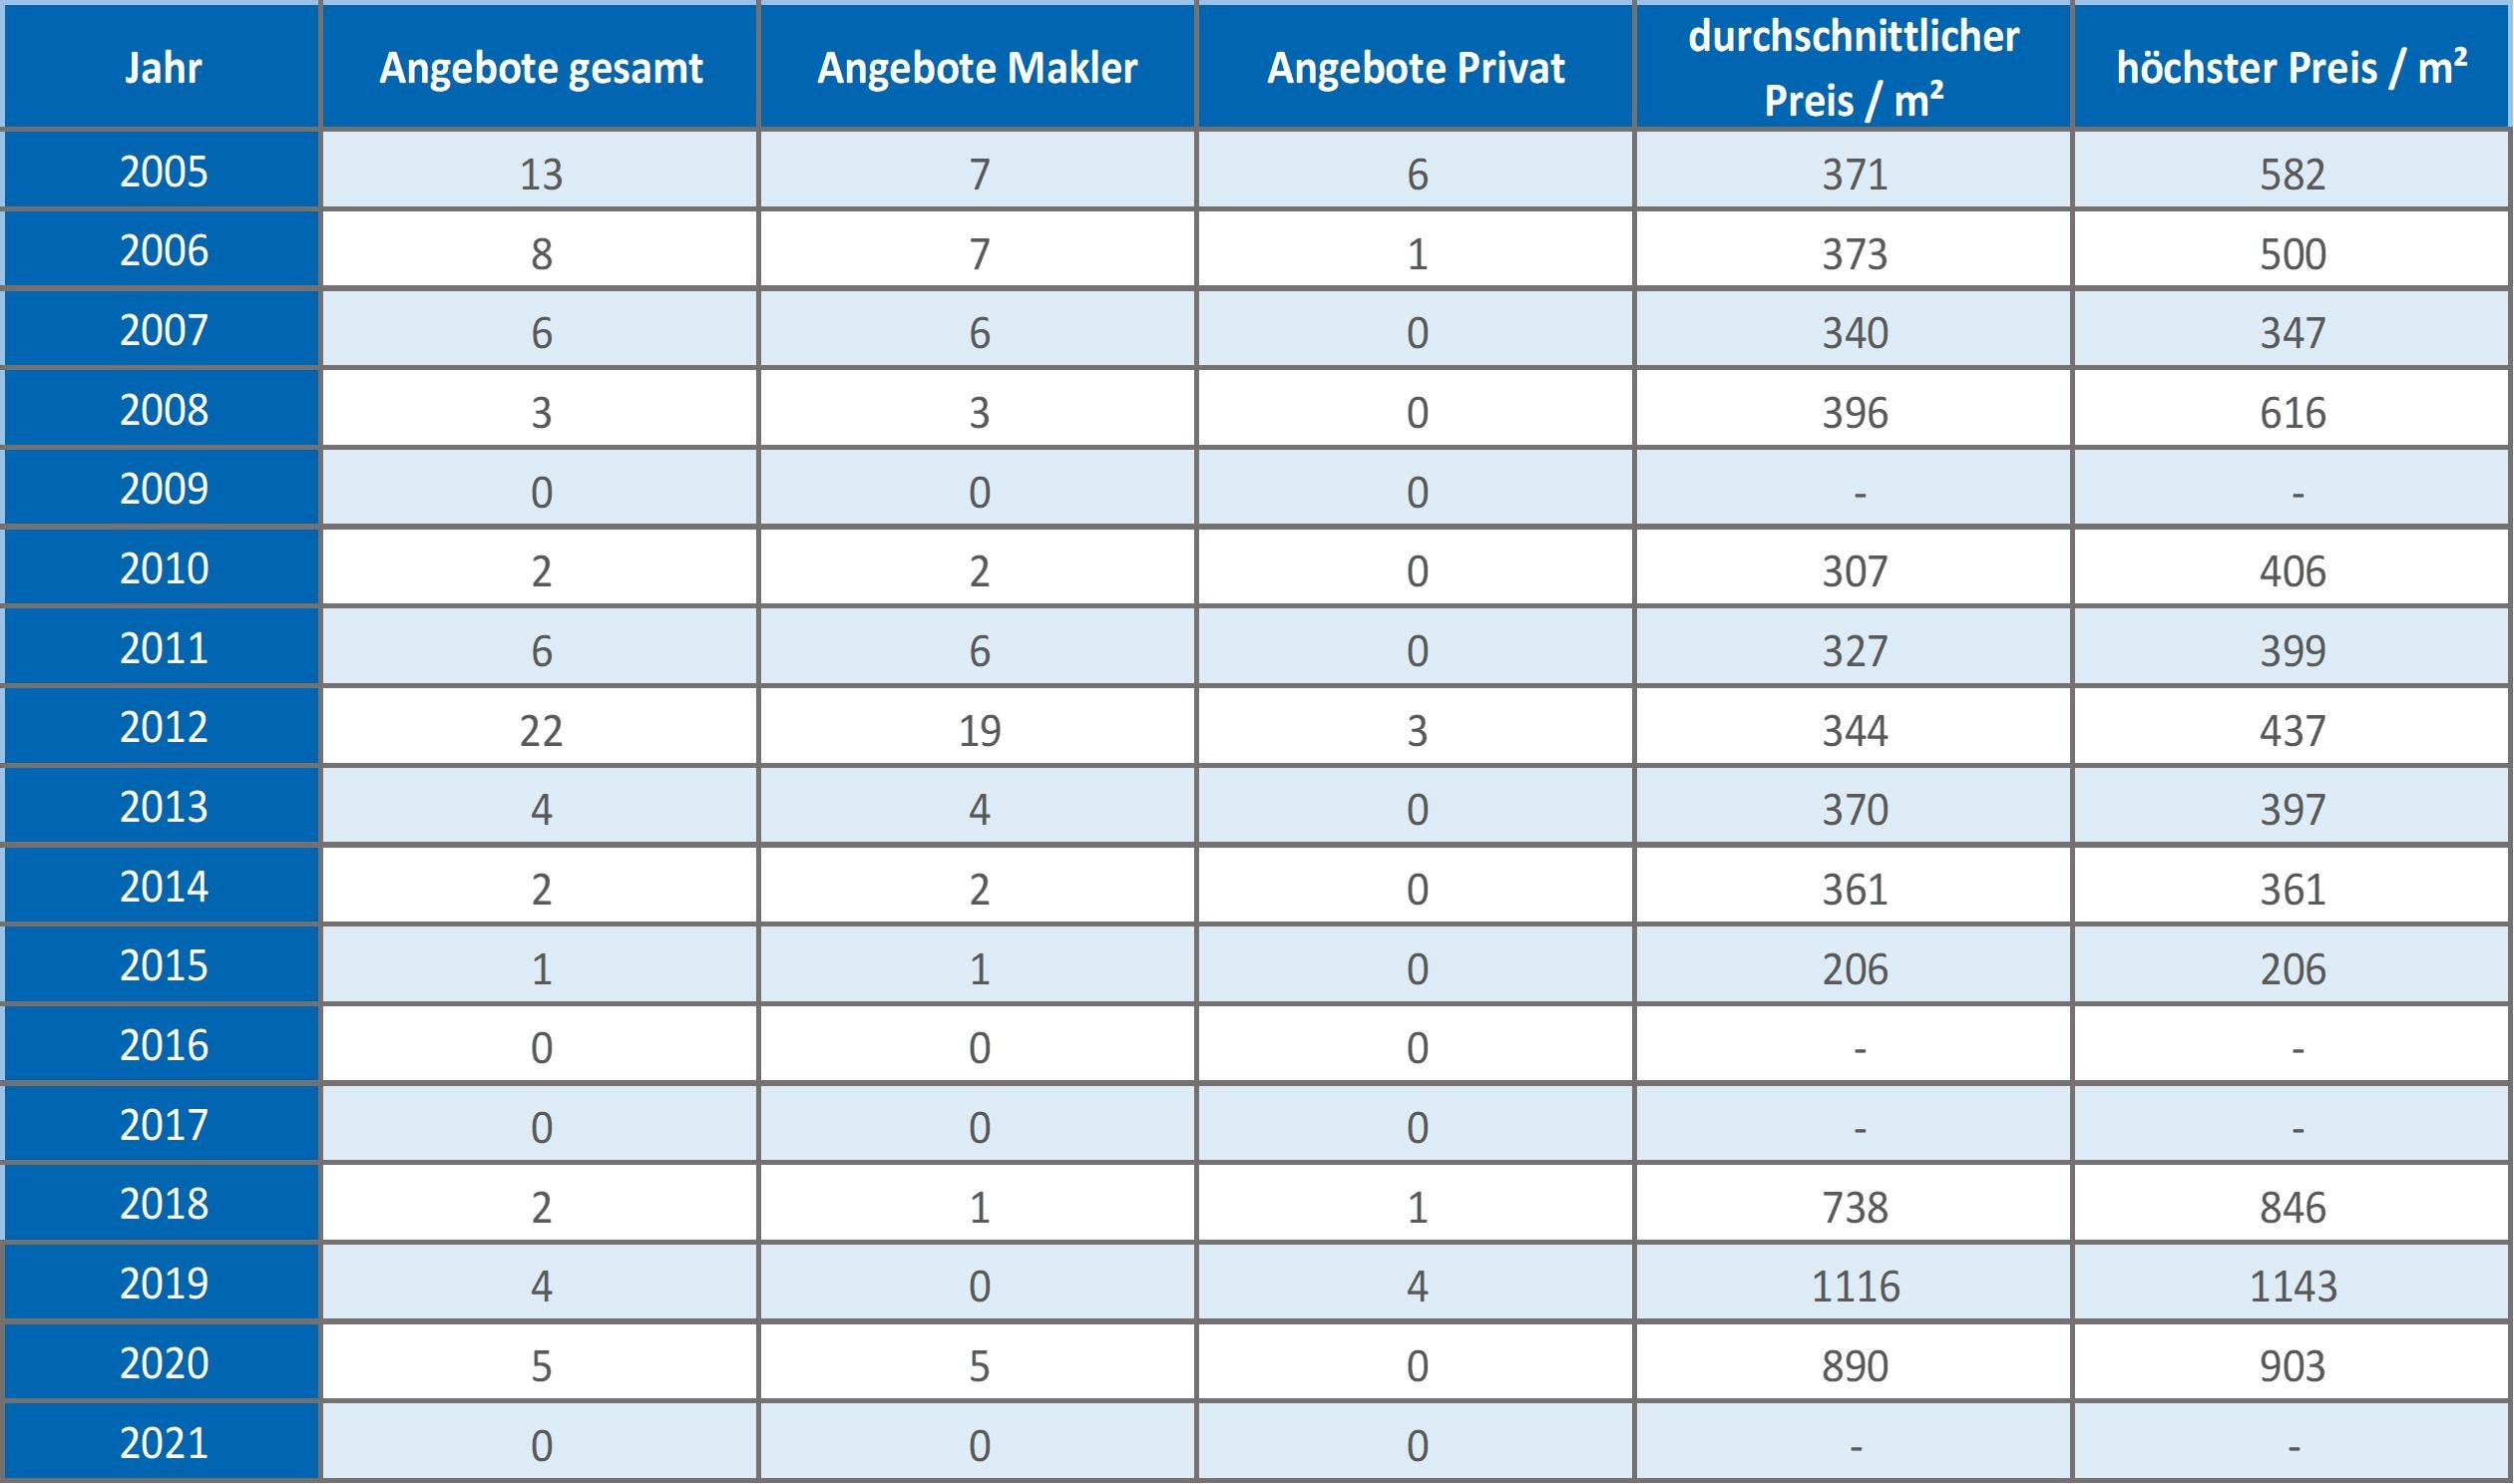 Moosach bei Ebersberg Grundstück kaufen verkaufen Preis Bewertung Makler 2019 2020 2021  www.happy-immo.de